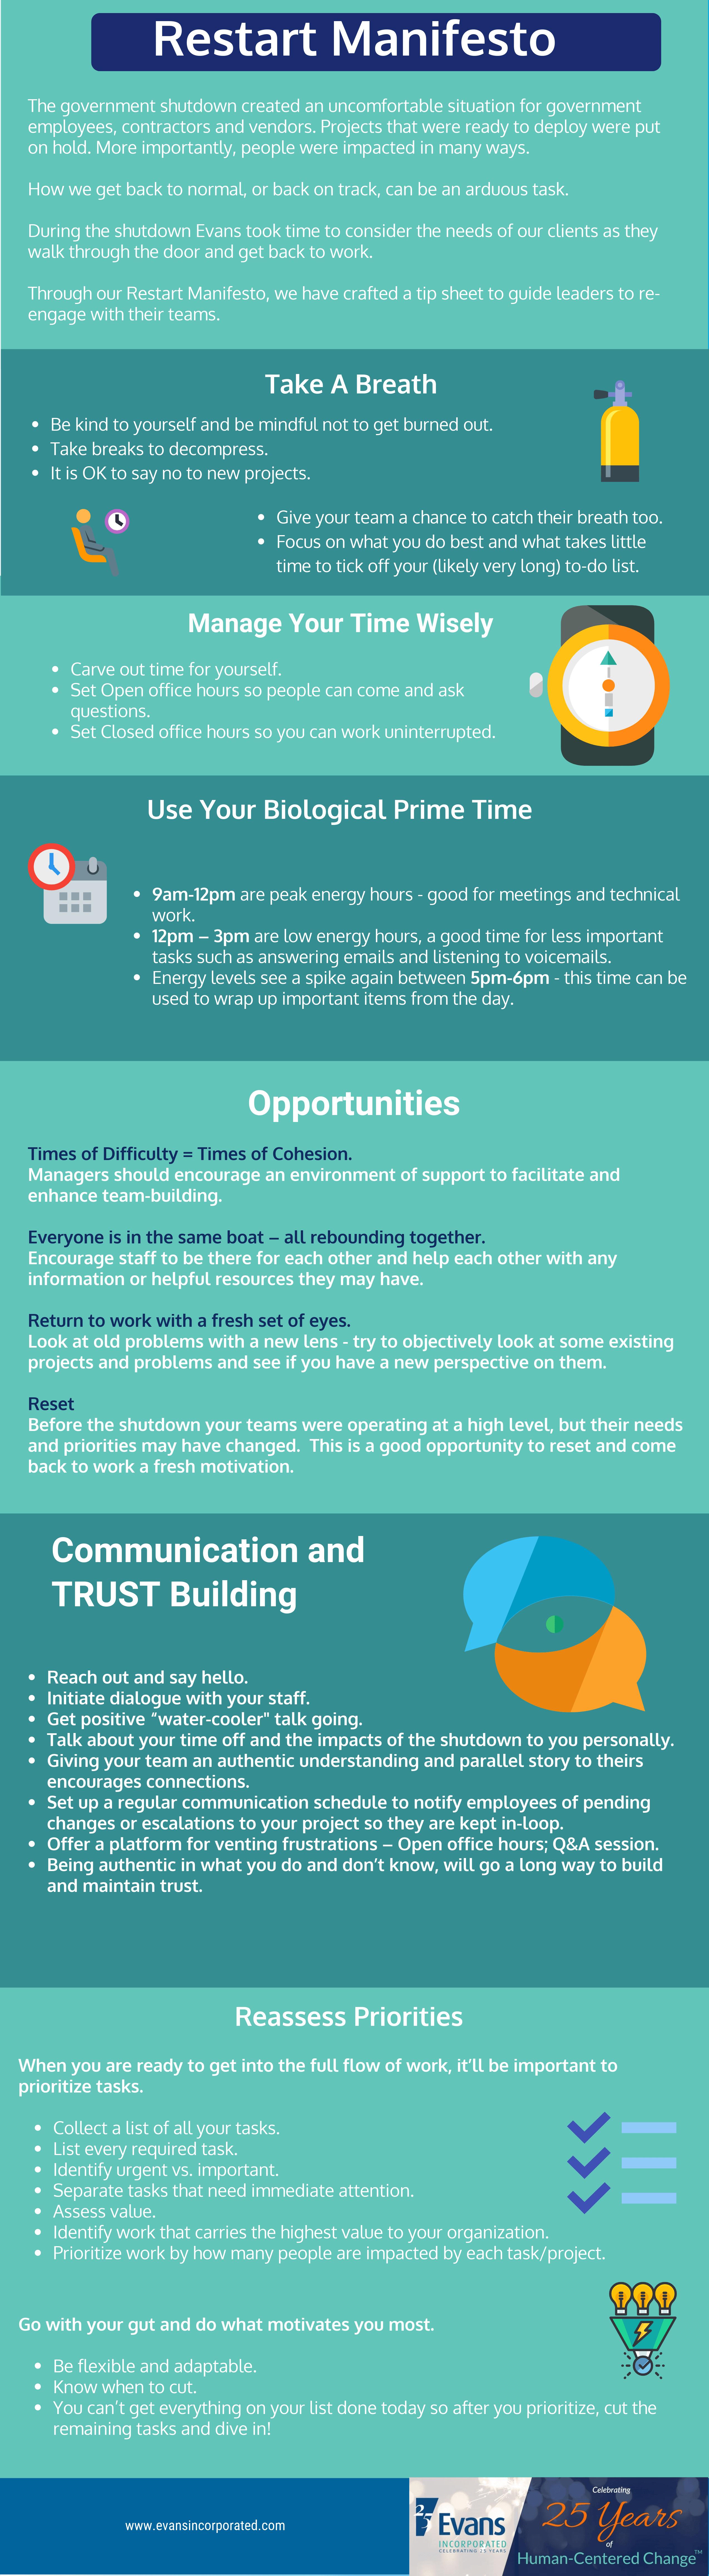 Restart Manifesto